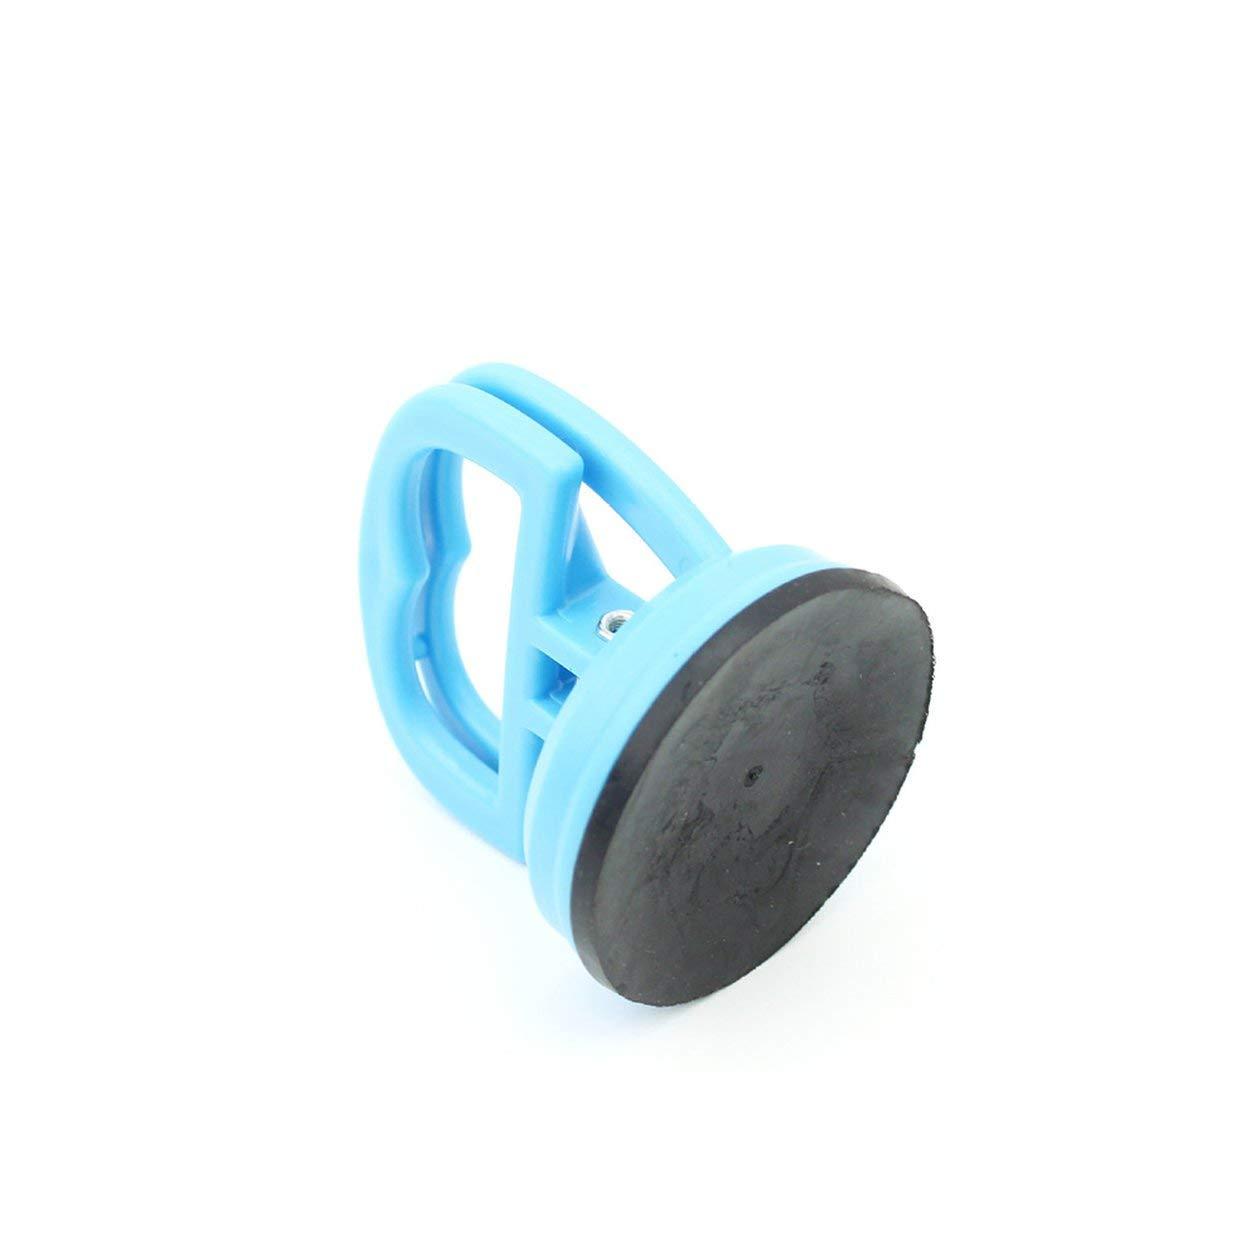 colore: Colore casuale Mini Car Remover Puller Utensili per la rimozione di ammaccature del corpo automatico Ventosa forte Kit di riparazione automatica Vetro Lifter Locking Utile